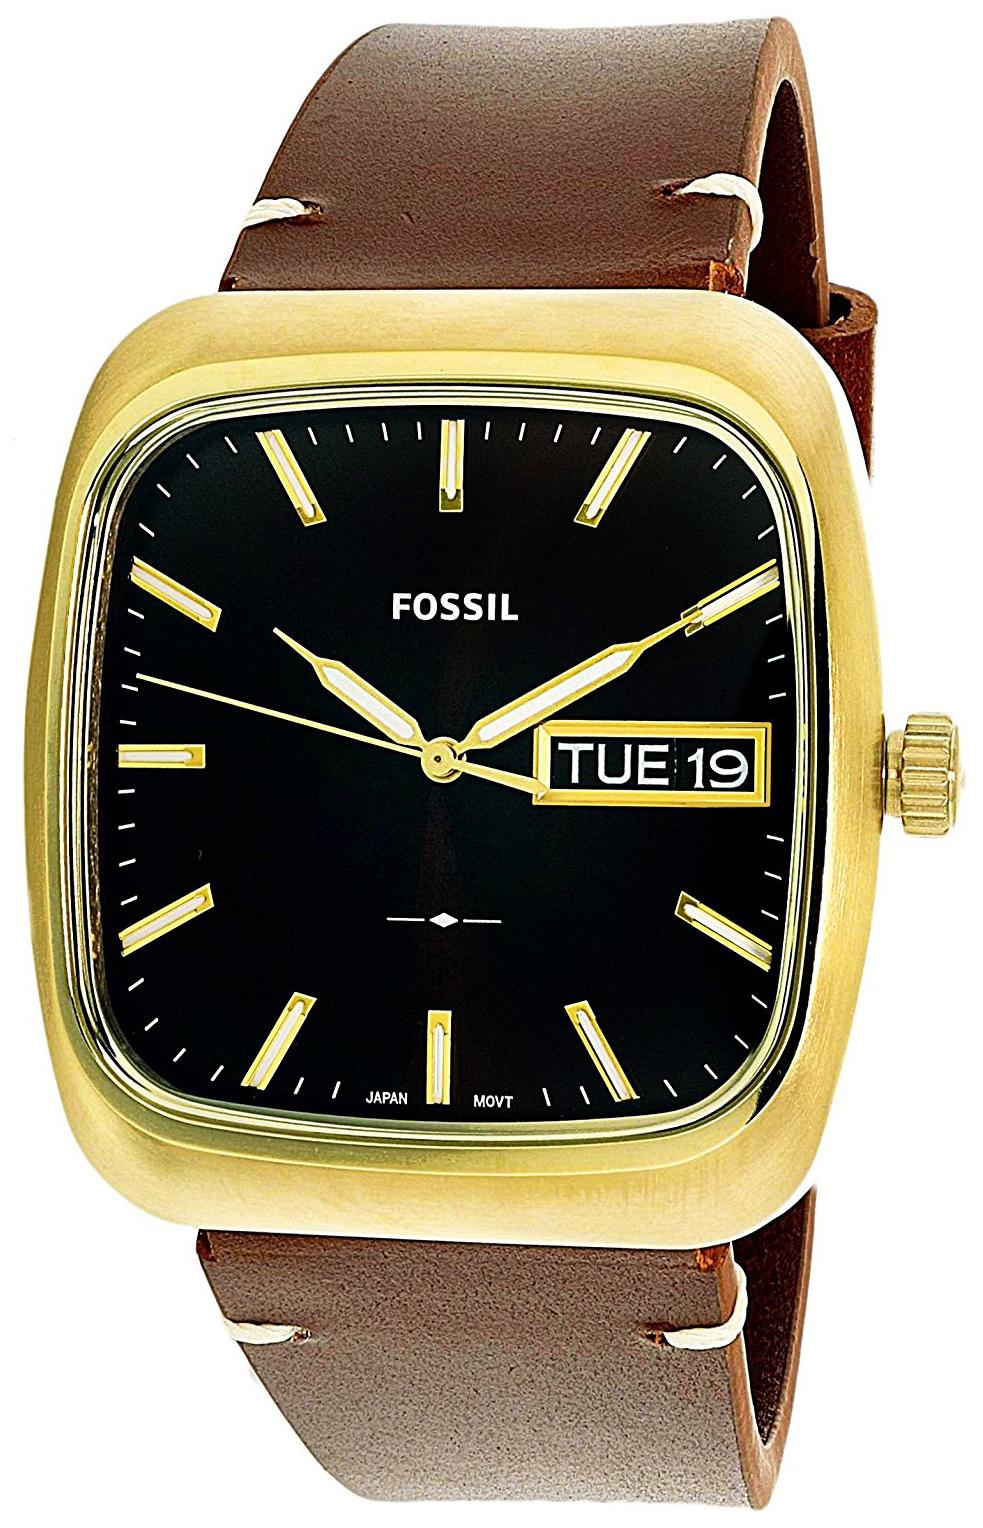 Fossil 99999 Herrklocka FS5332 Svart/Läder - Fossil